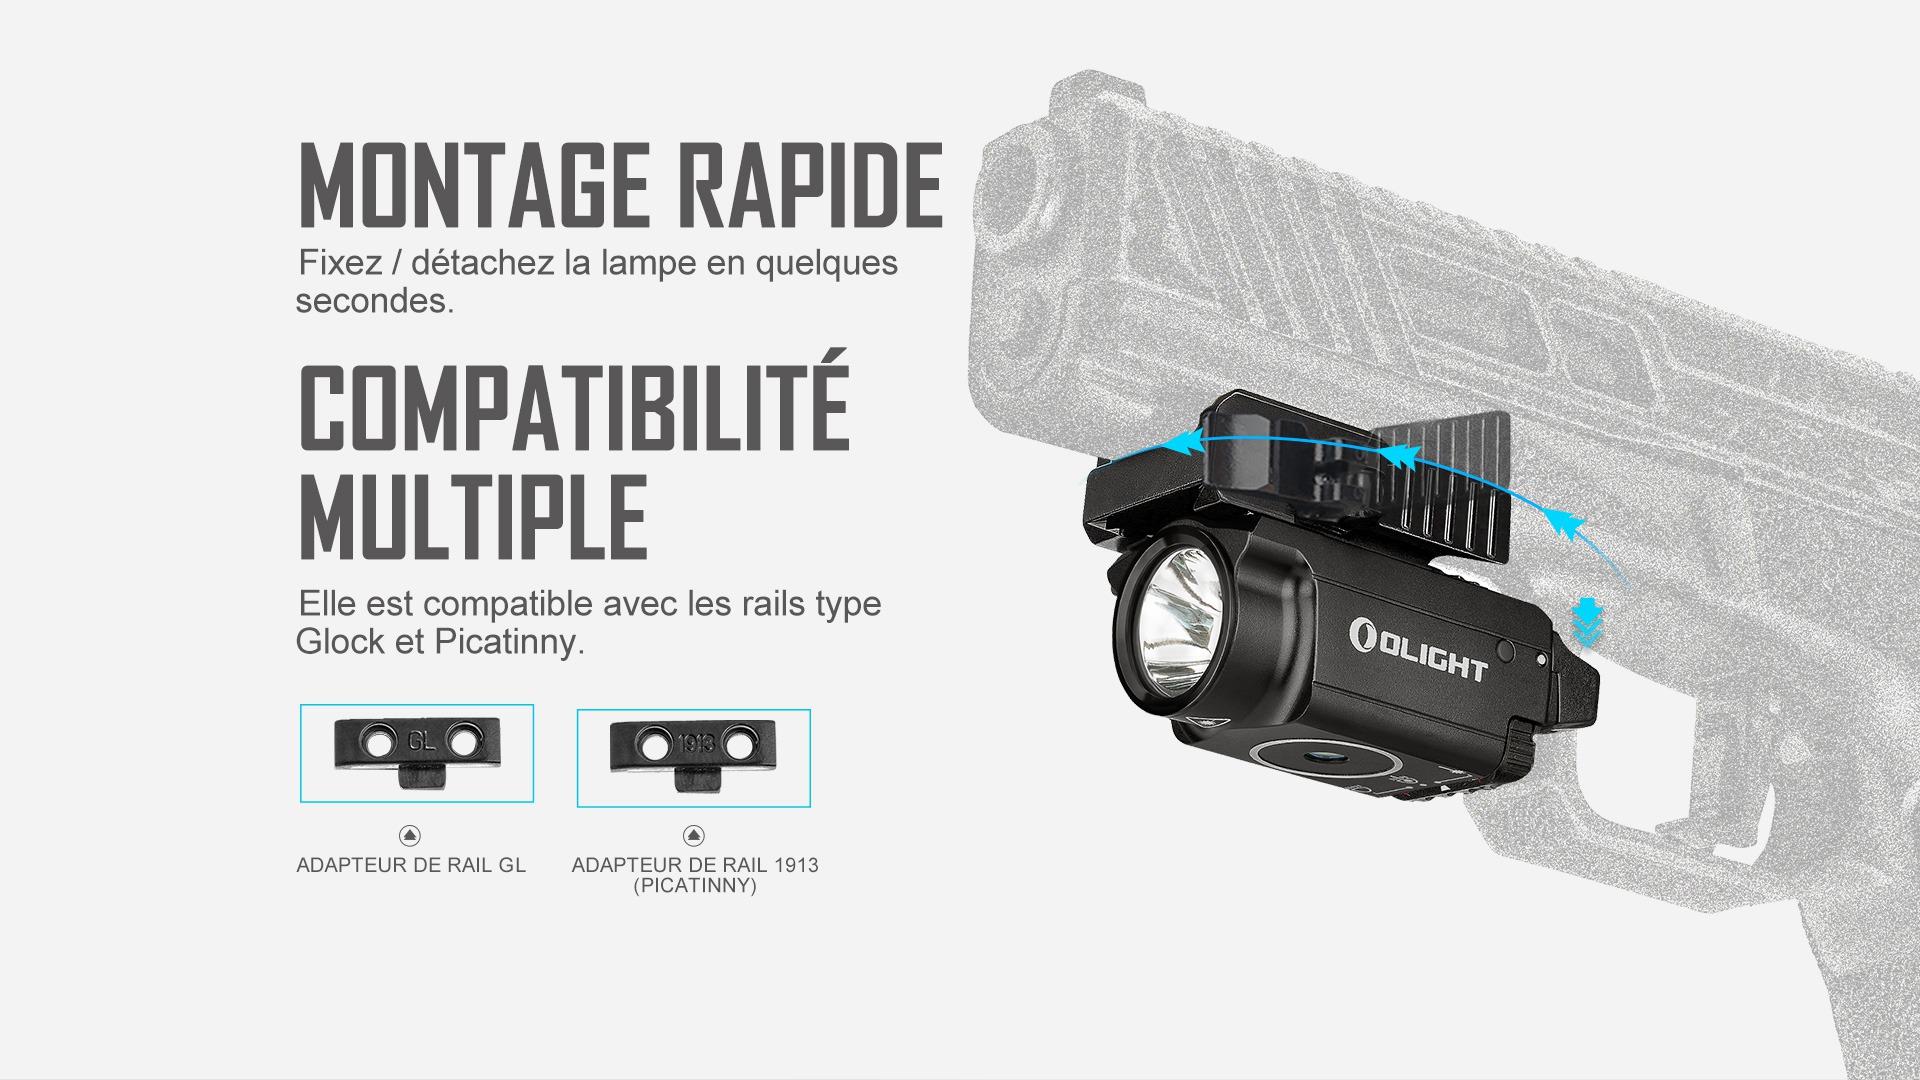 lampe laser picatinny montage rapide, compatibilité multiple